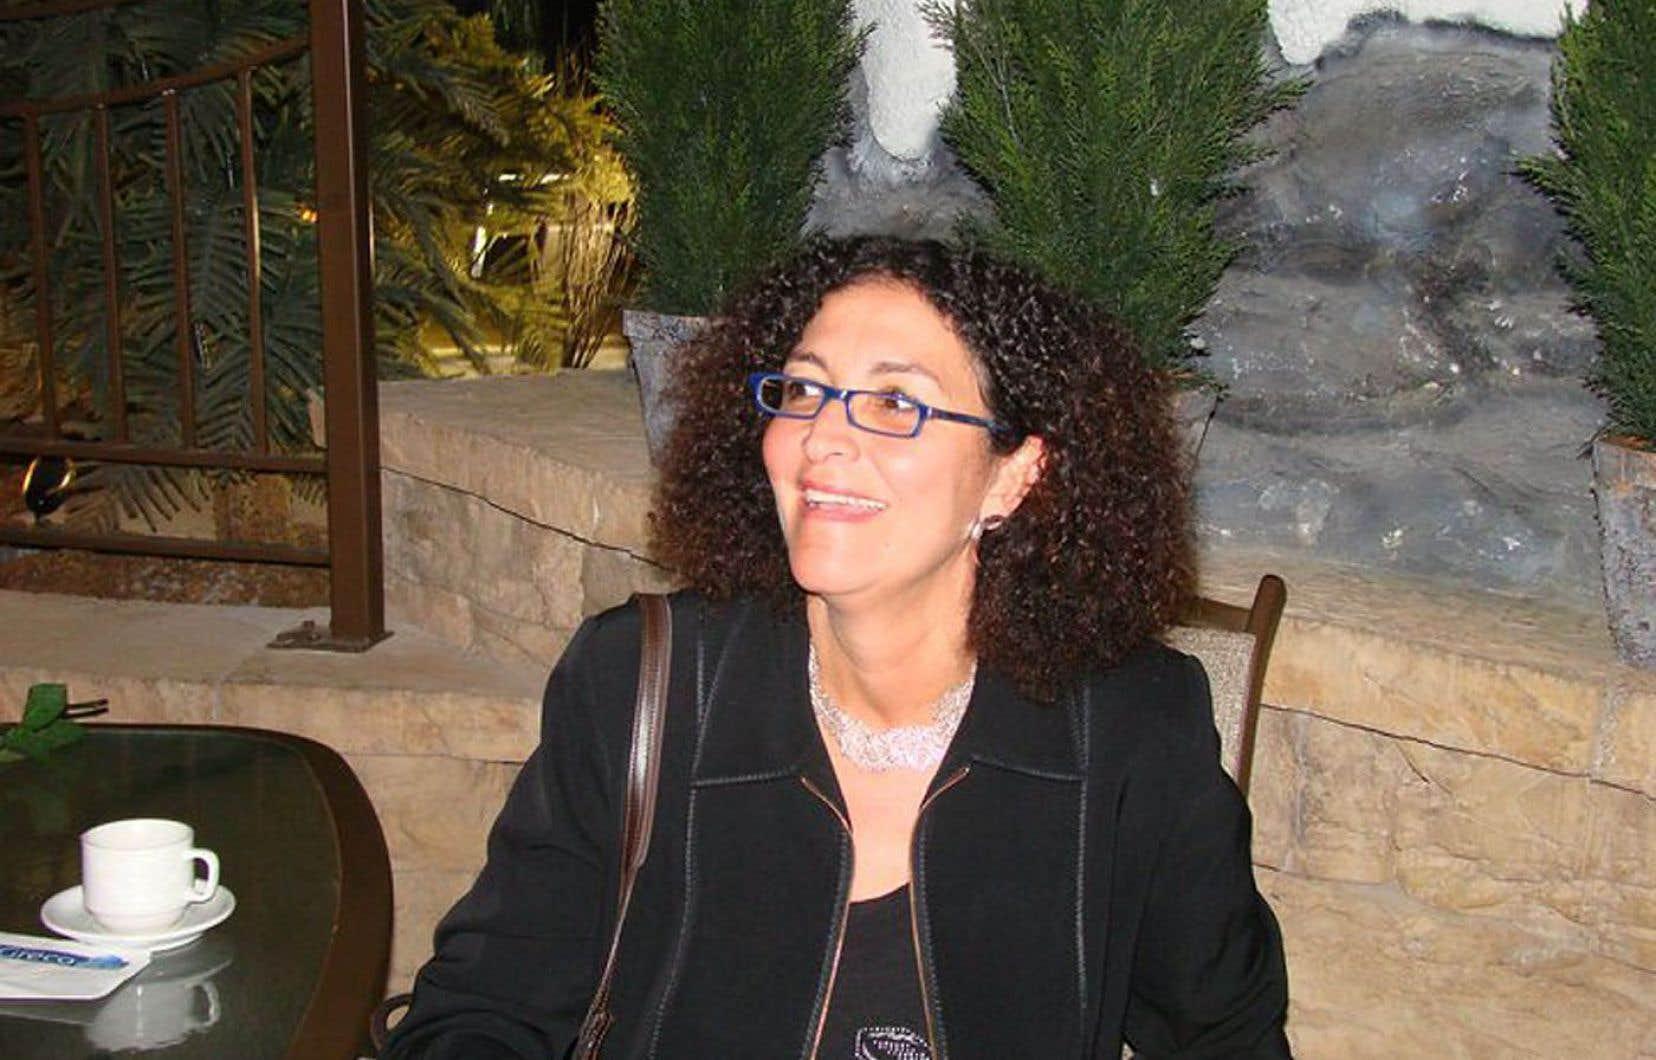 La rectrice de l'Université du Québec à Trois-Rivières (UQTR), Nadia Ghazzali